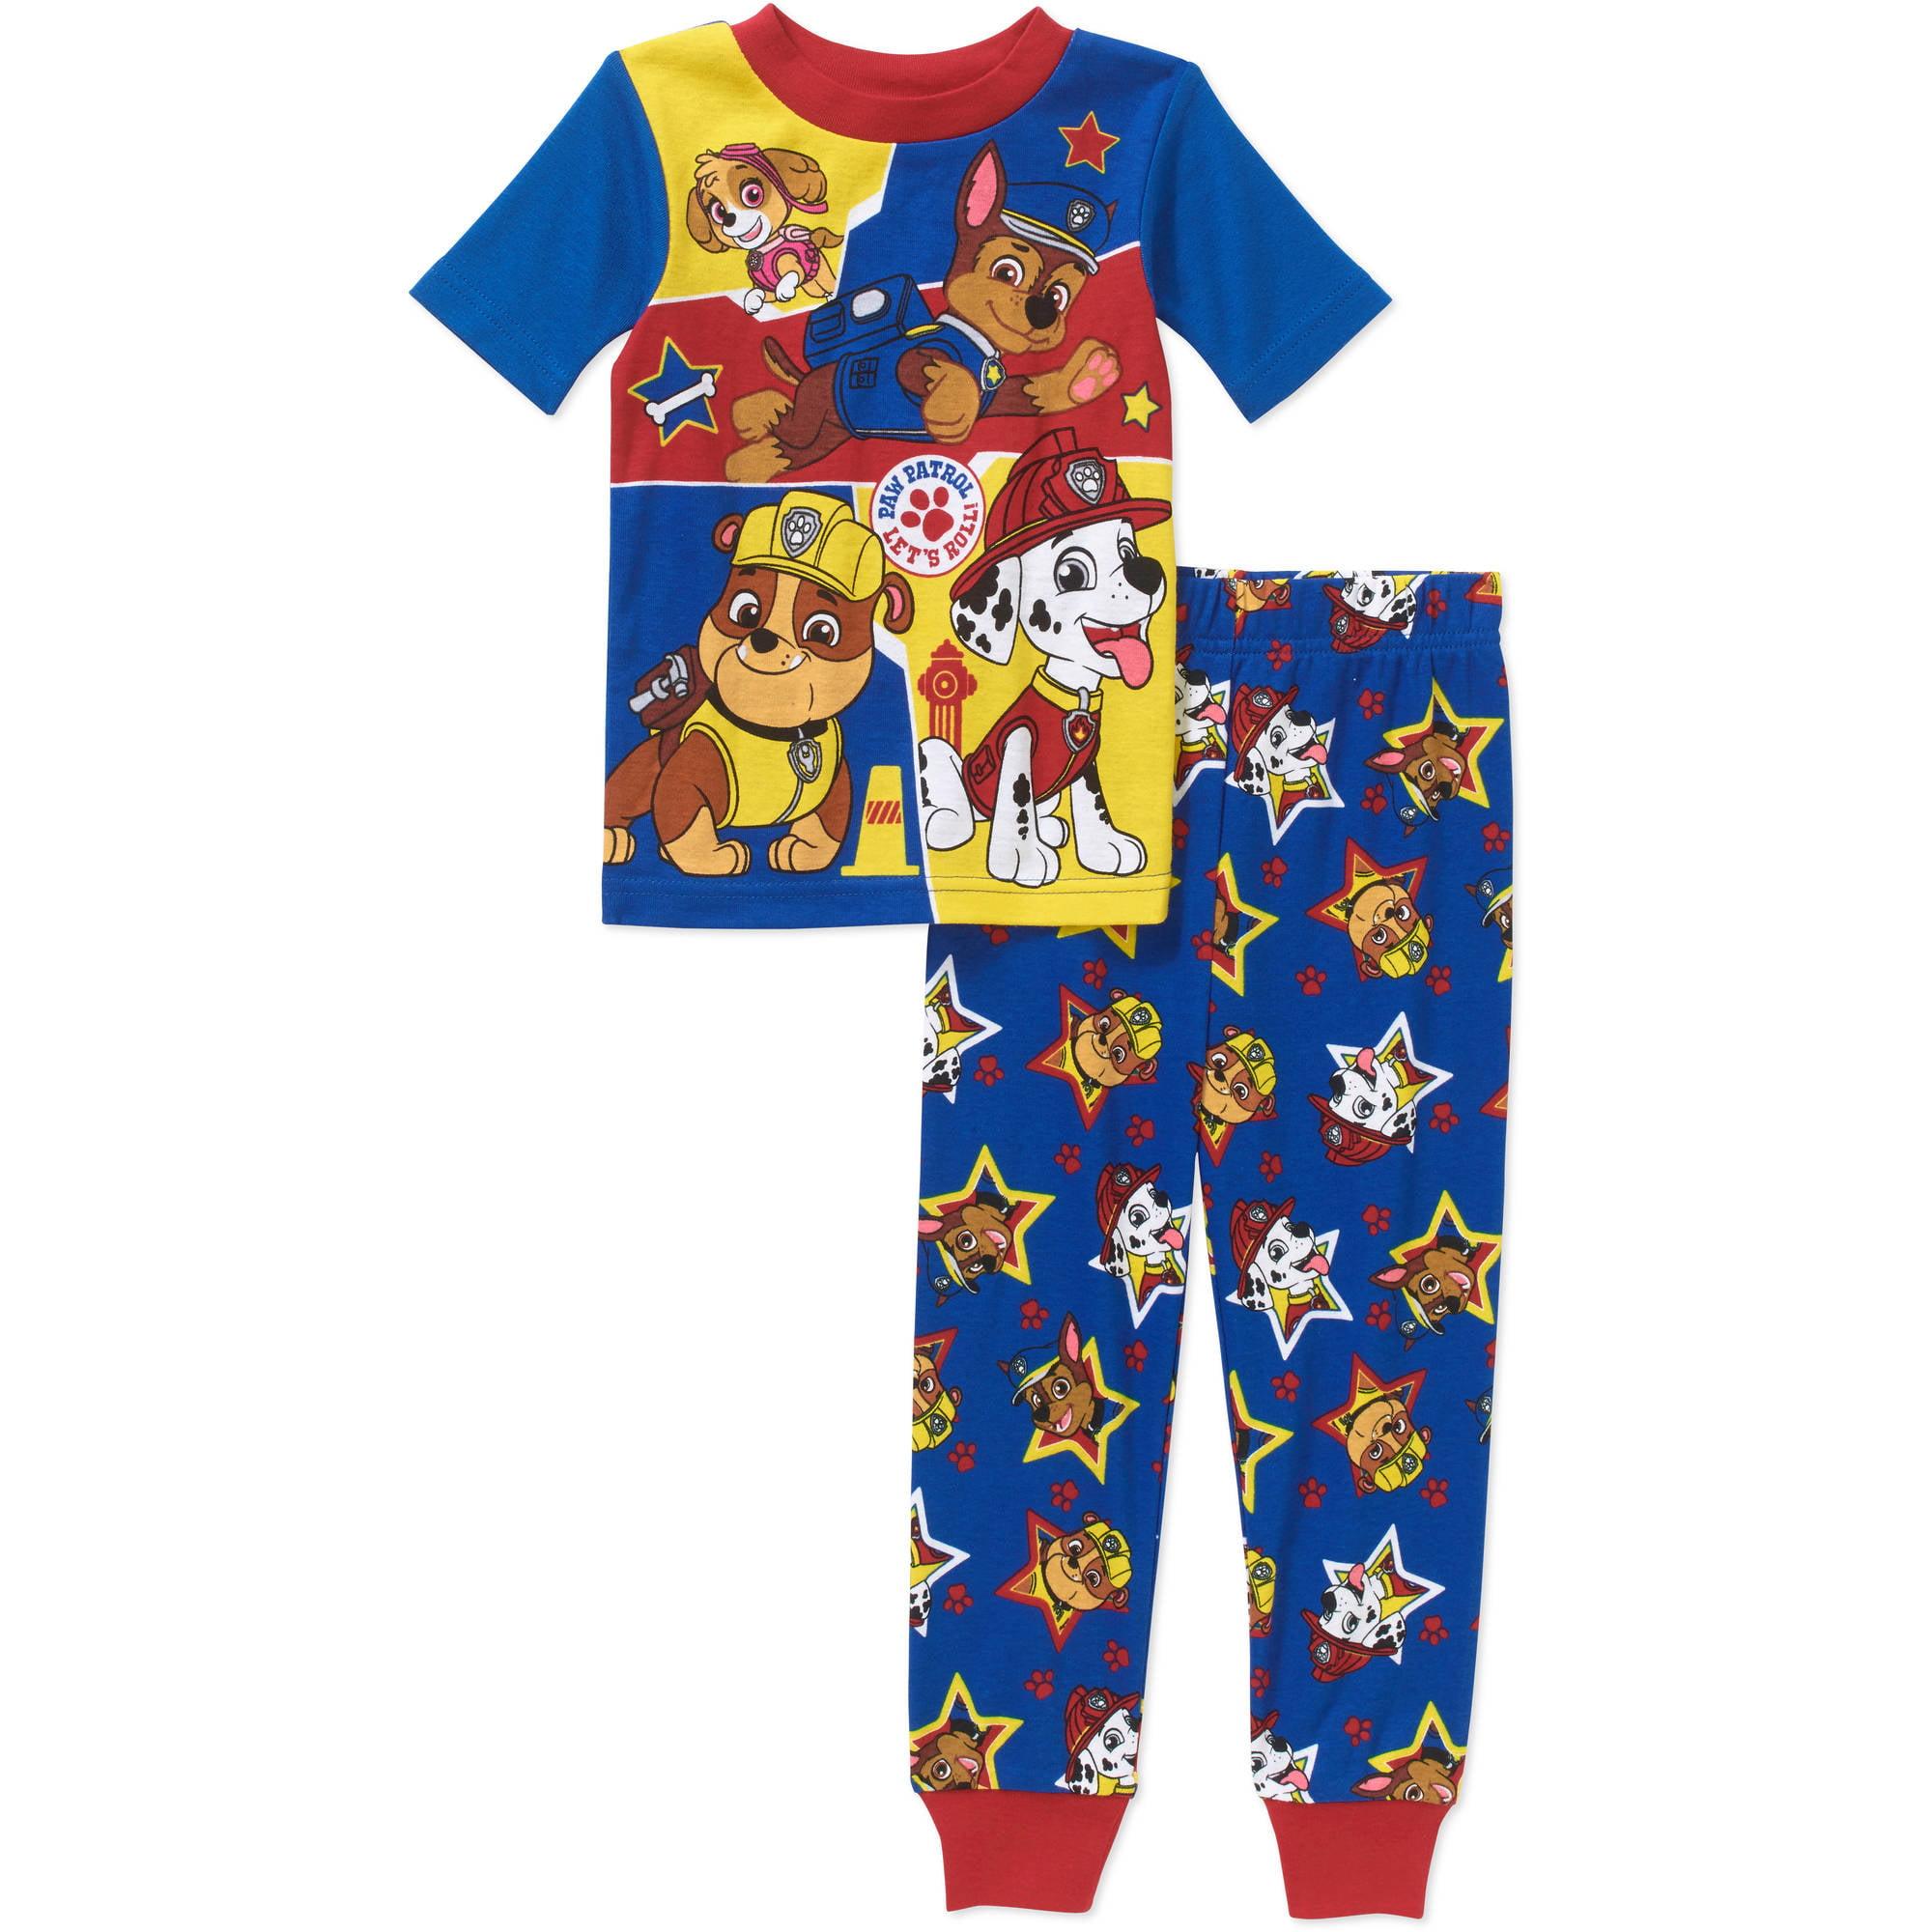 Paw Patrol Baby & Toddler Sleepwear